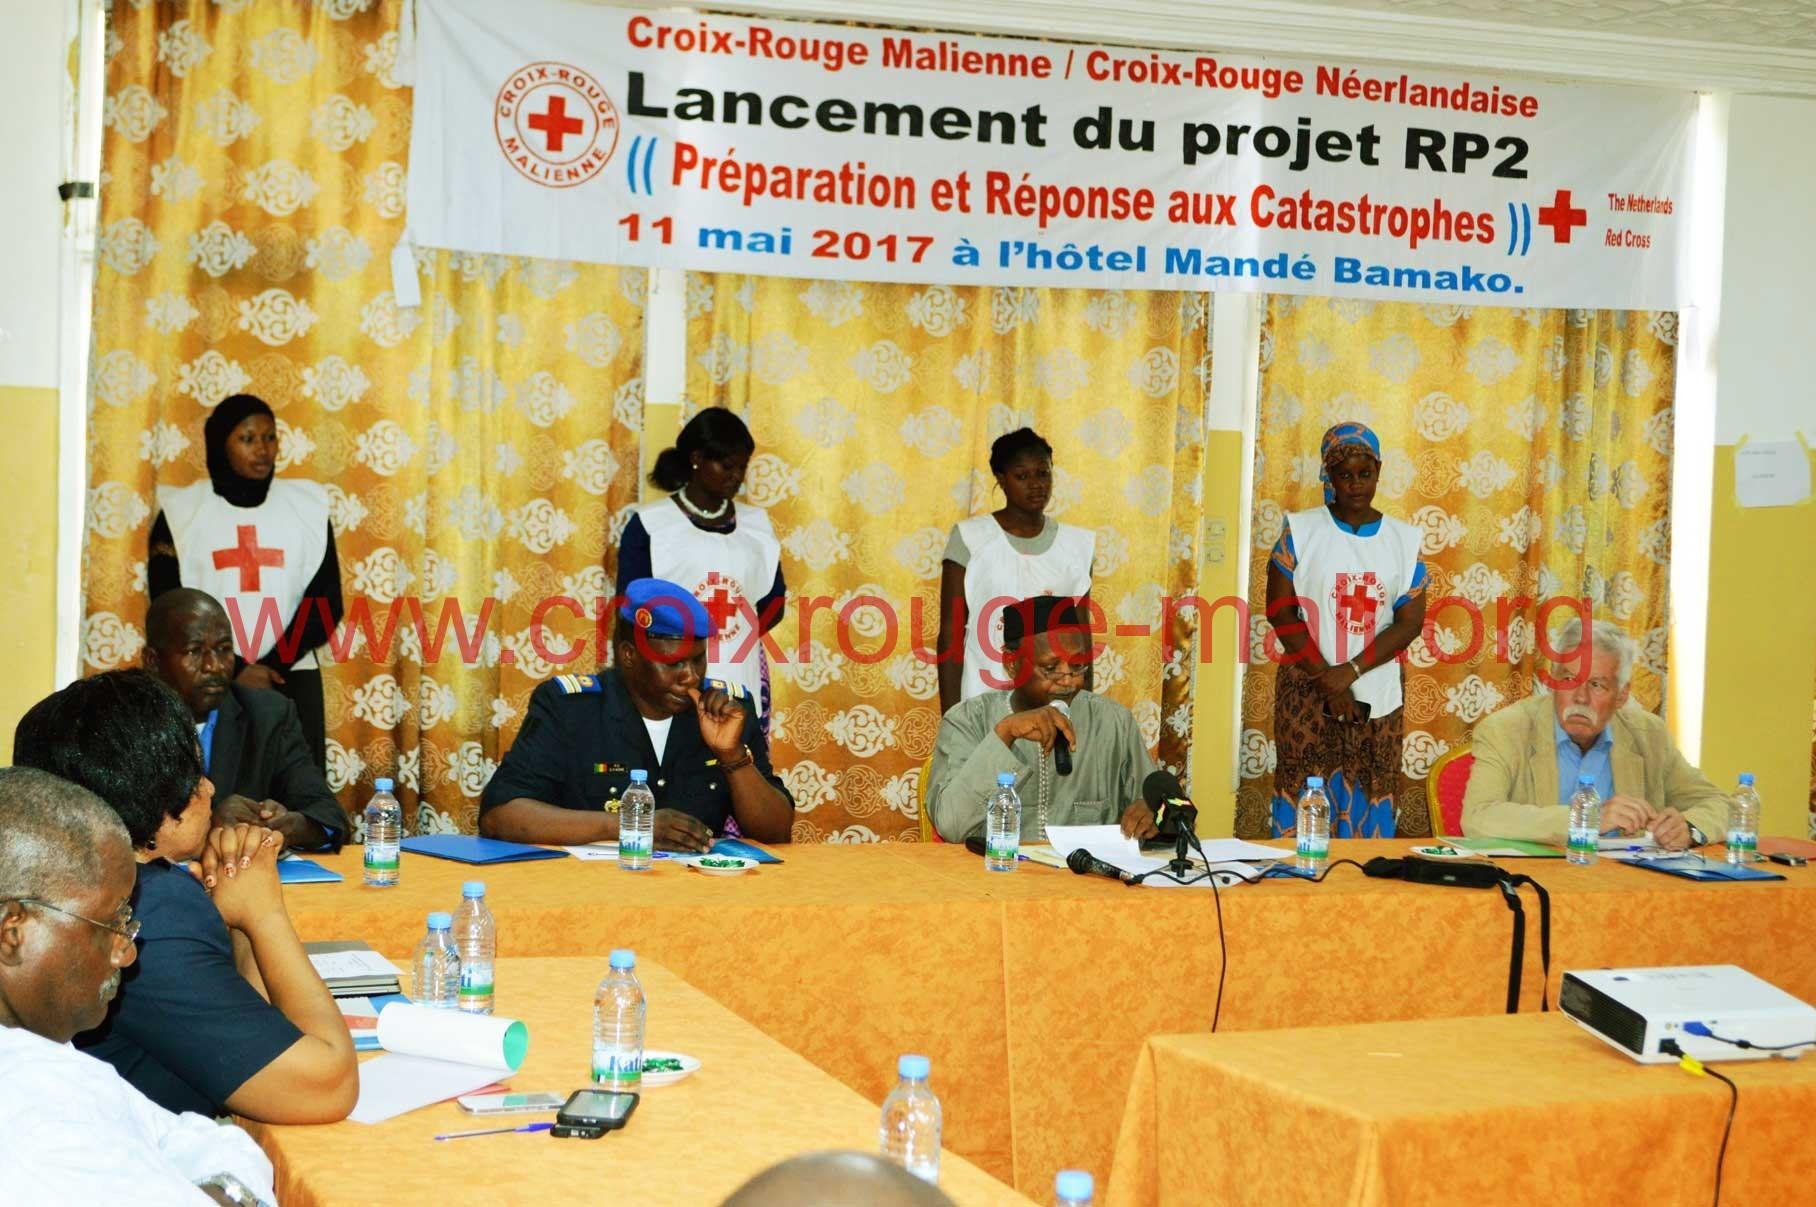 Pour l'atteinte des objectifs humanitaires